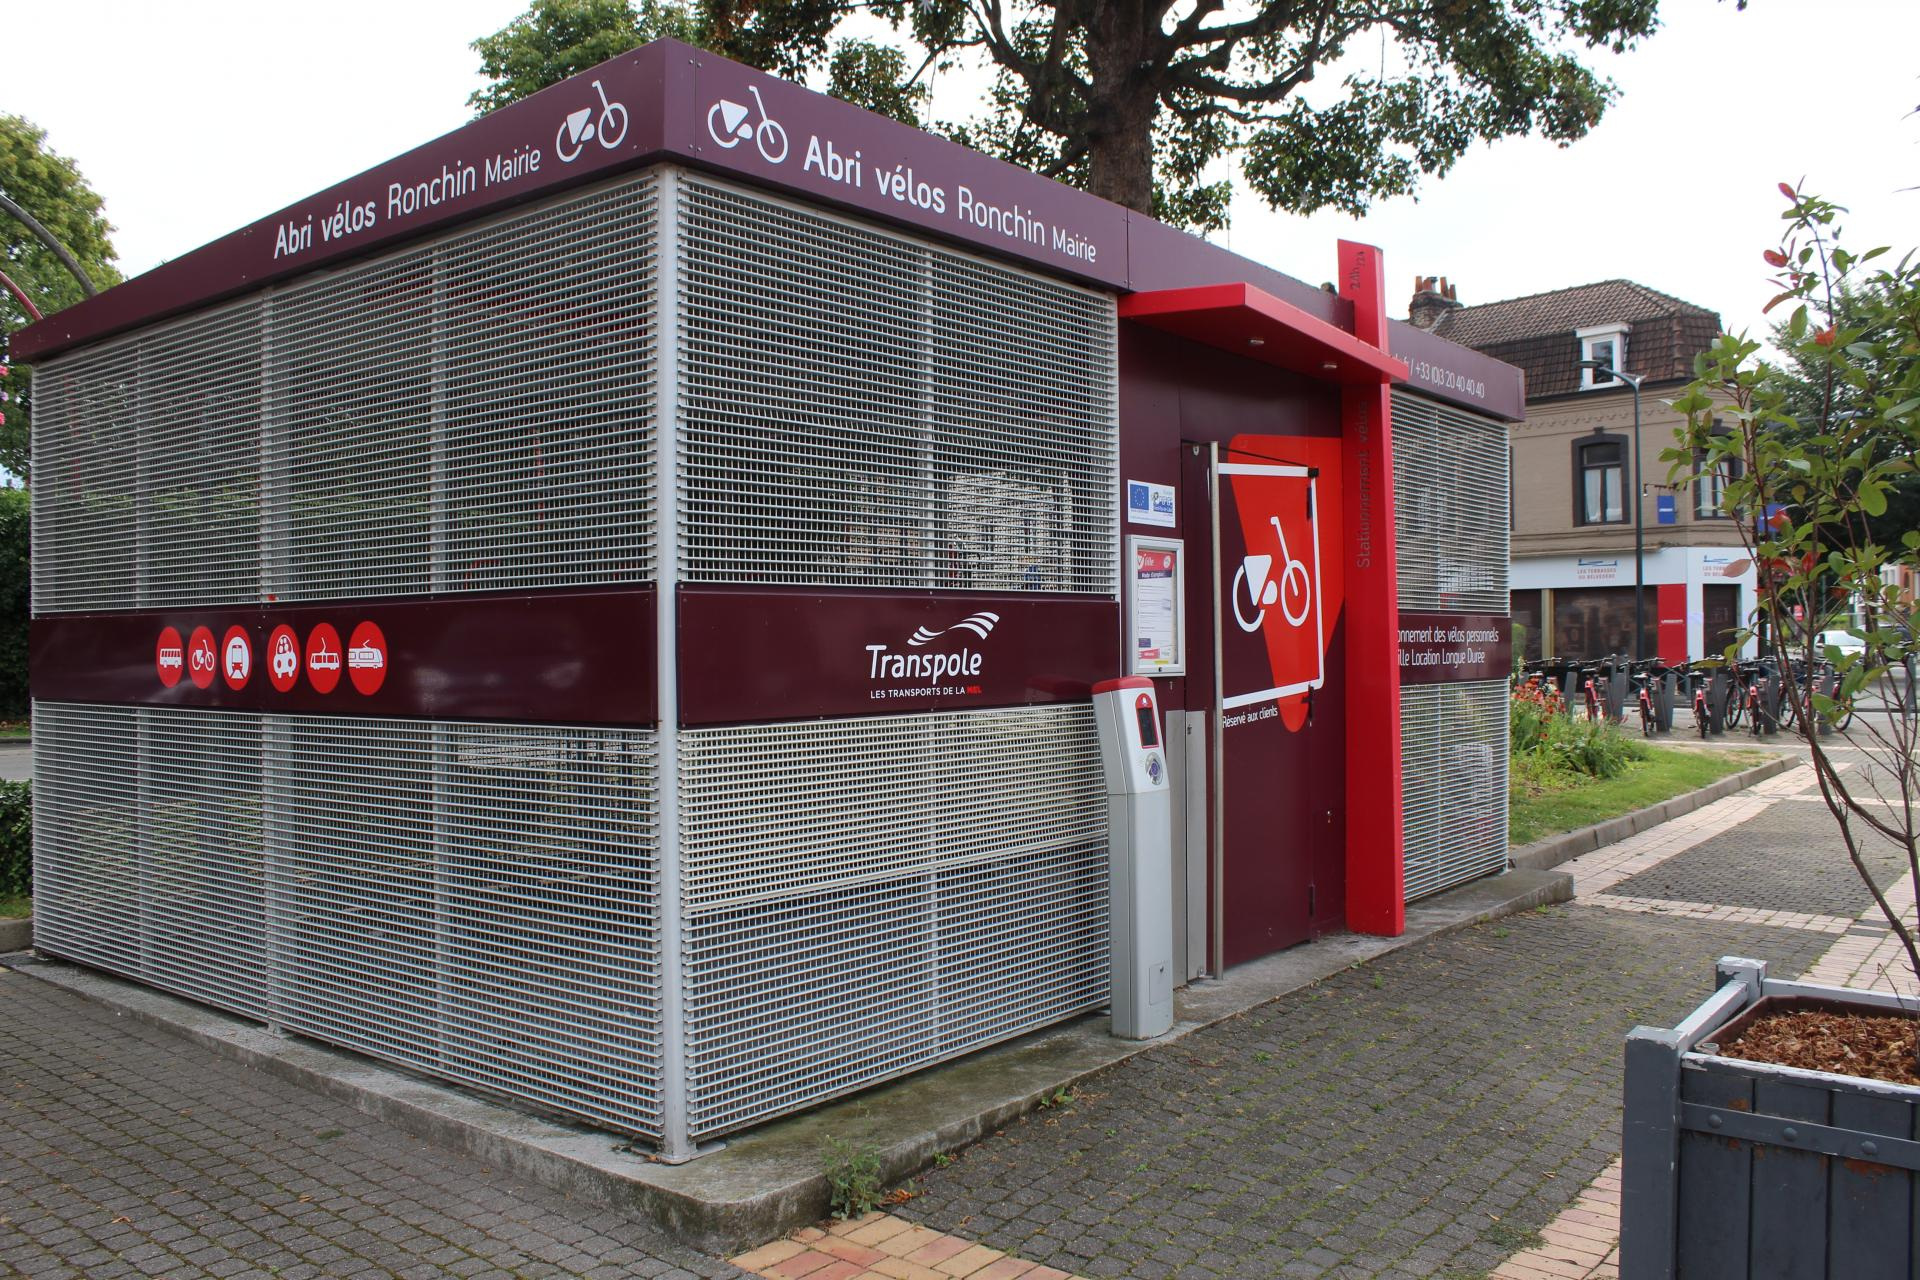 Construire Un Abri A Velo ilevia : enquête sur les abris à vélos | ville de ronchin